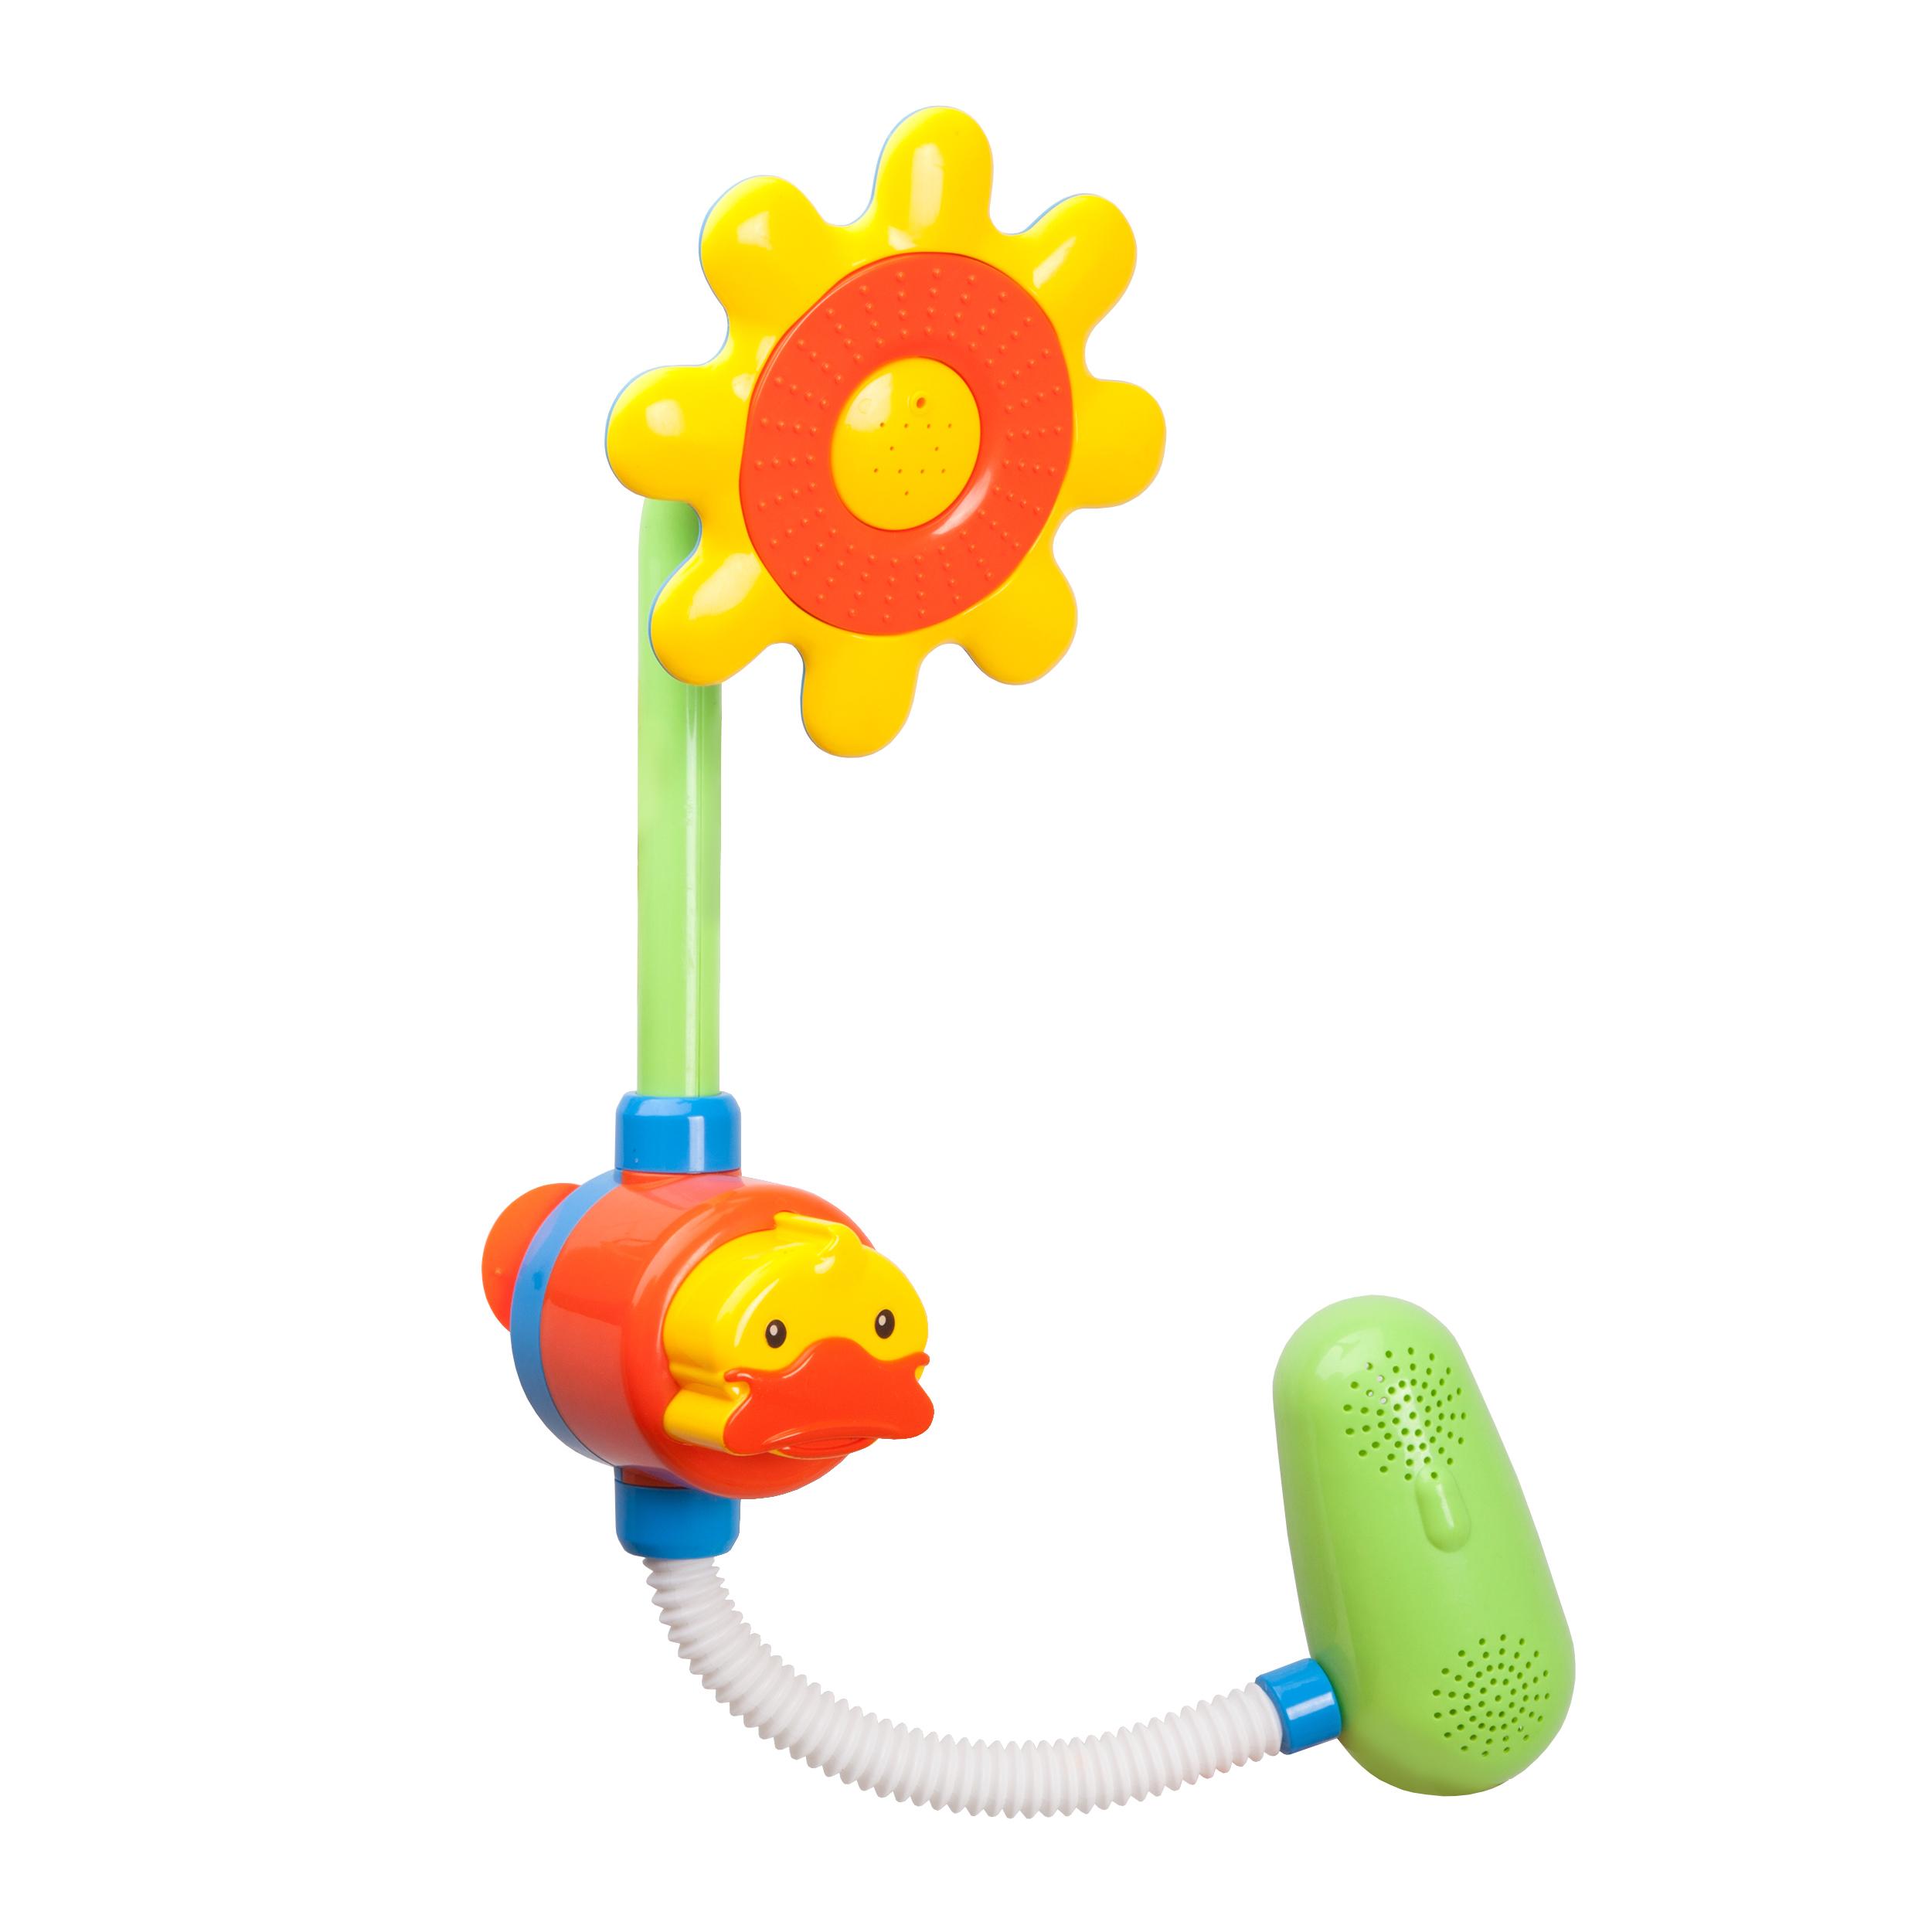 Купить Игрушки для ванны, Игрушка-душ для купания Жирафики «Цветок», Китай, пластмасса